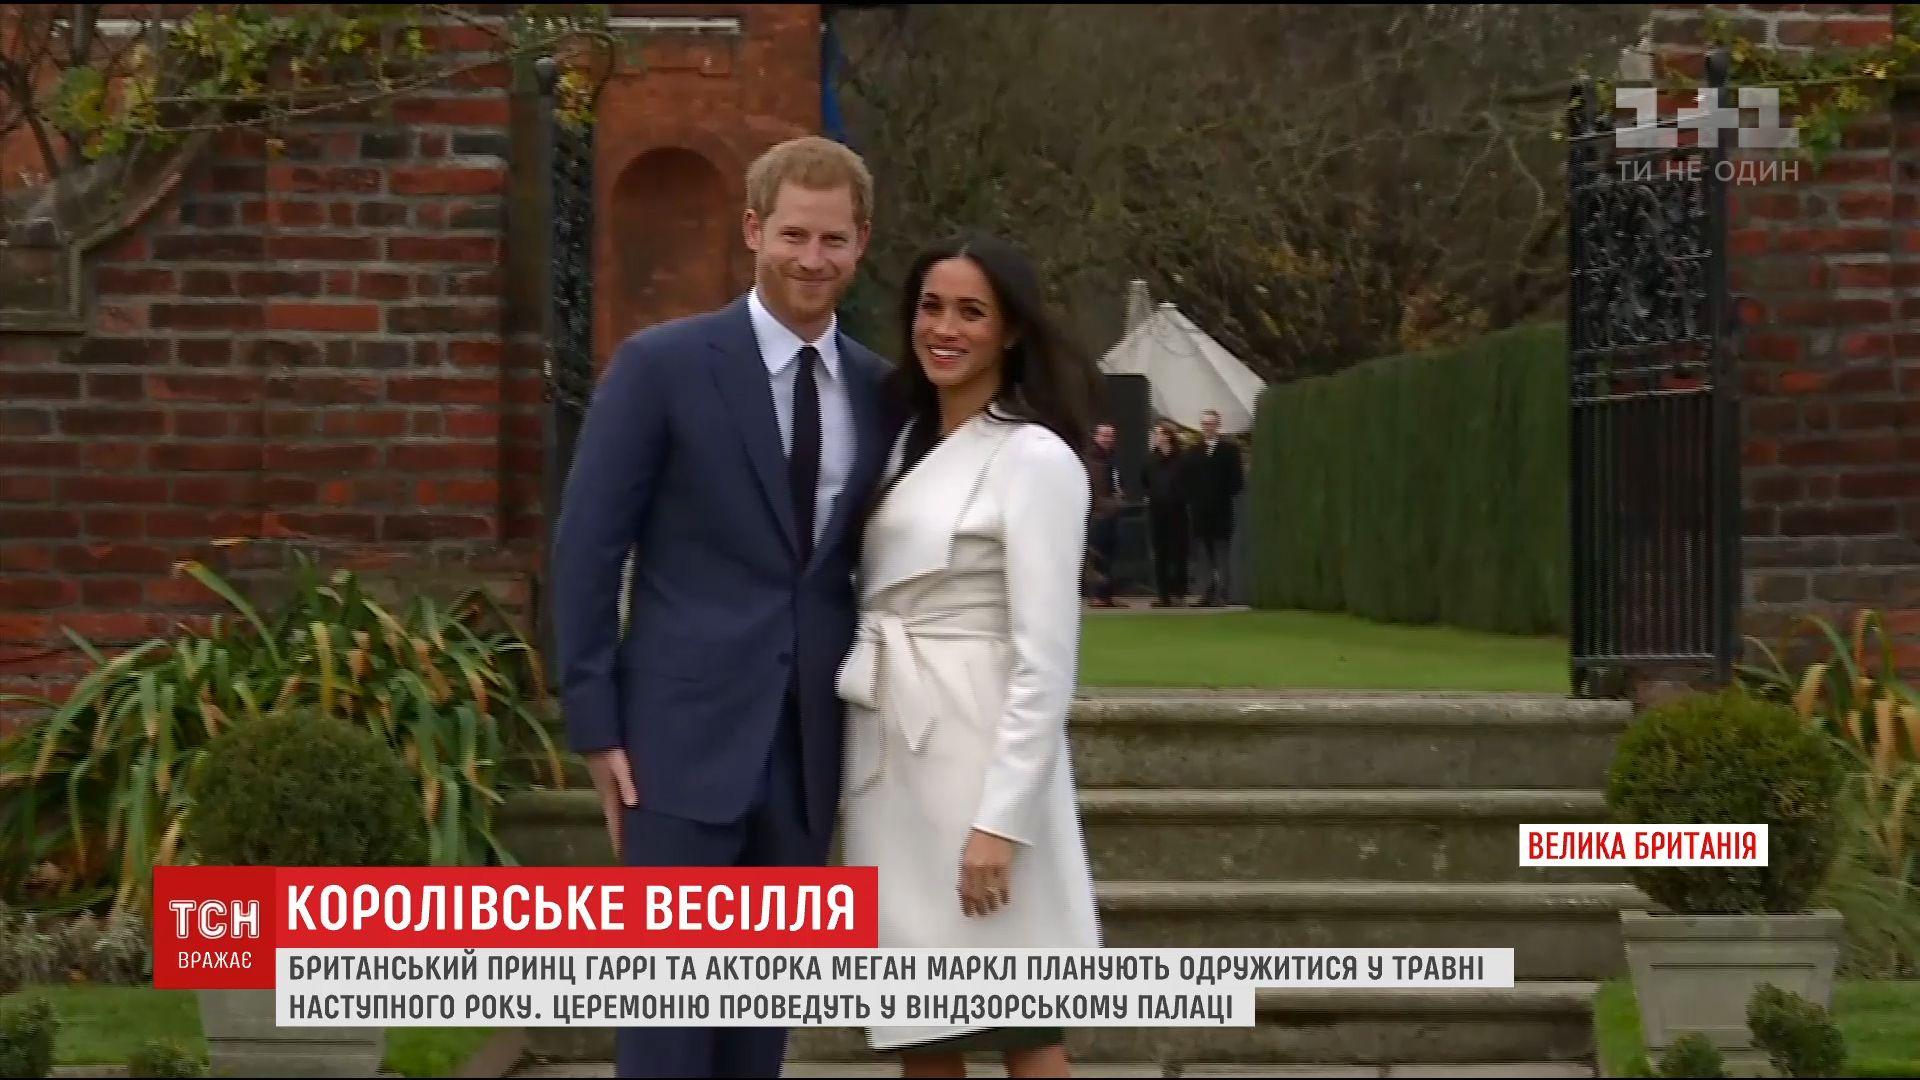 На свадьбе принца Гарри и Меган Маркл Британия может заработать 500 млн фунтов / кадр из видео ТСН